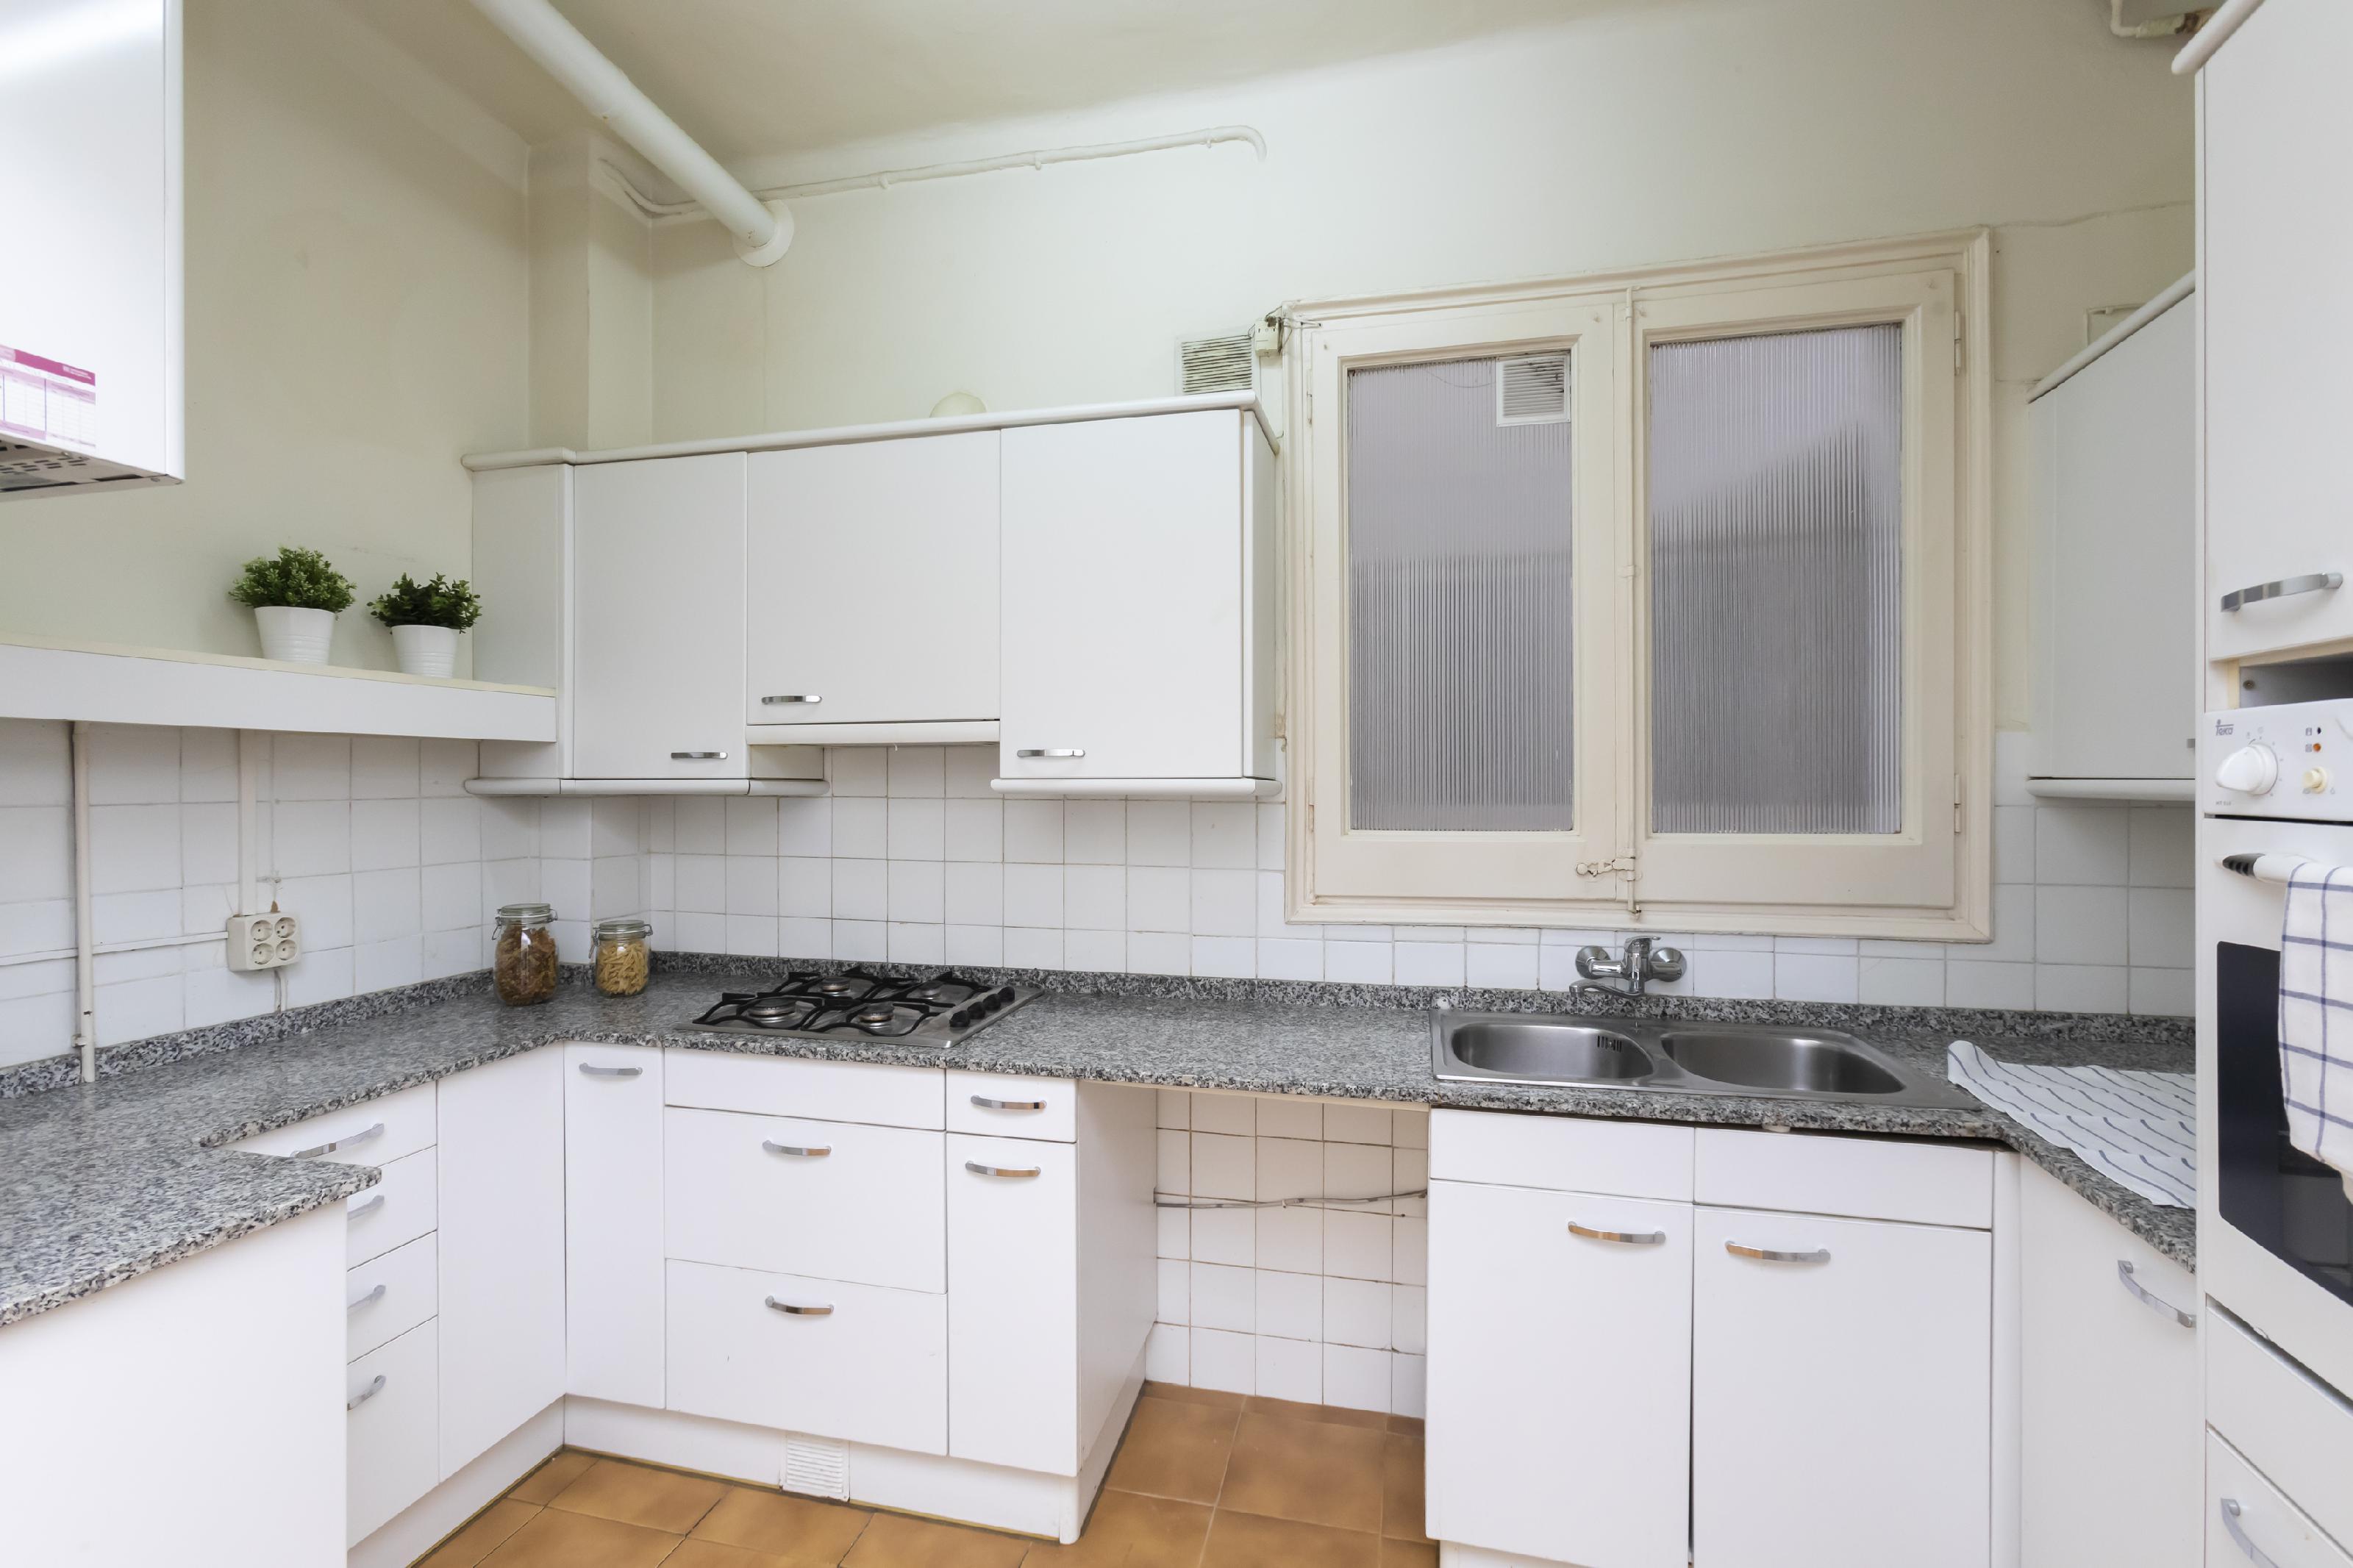 248888 Flat for sale in Sarrià-Sant Gervasi, St. Gervasi-Bonanova 19